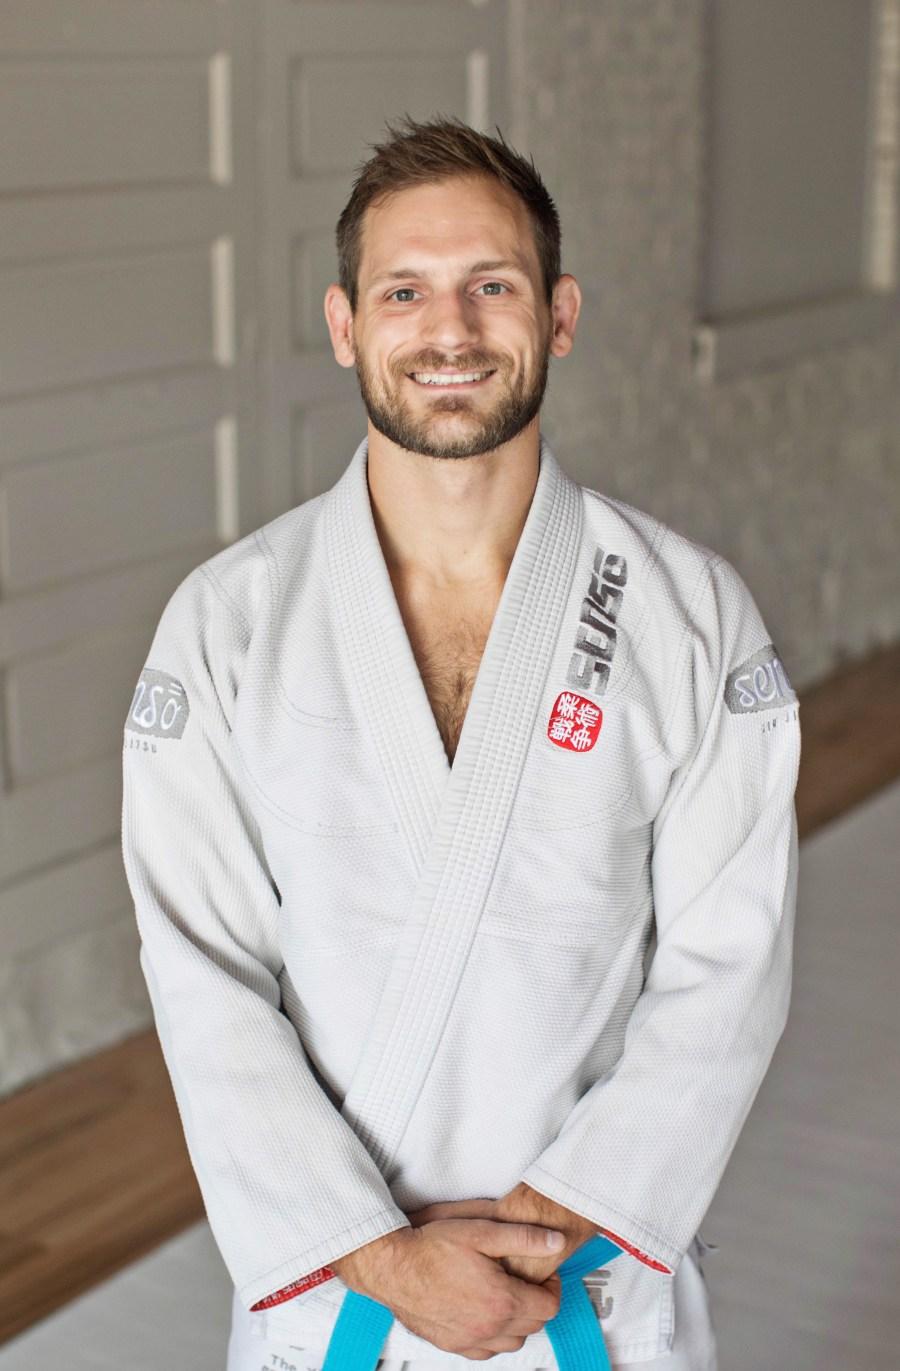 Assistant BJJ instructor, Kids Jiu Jitsu Instructor